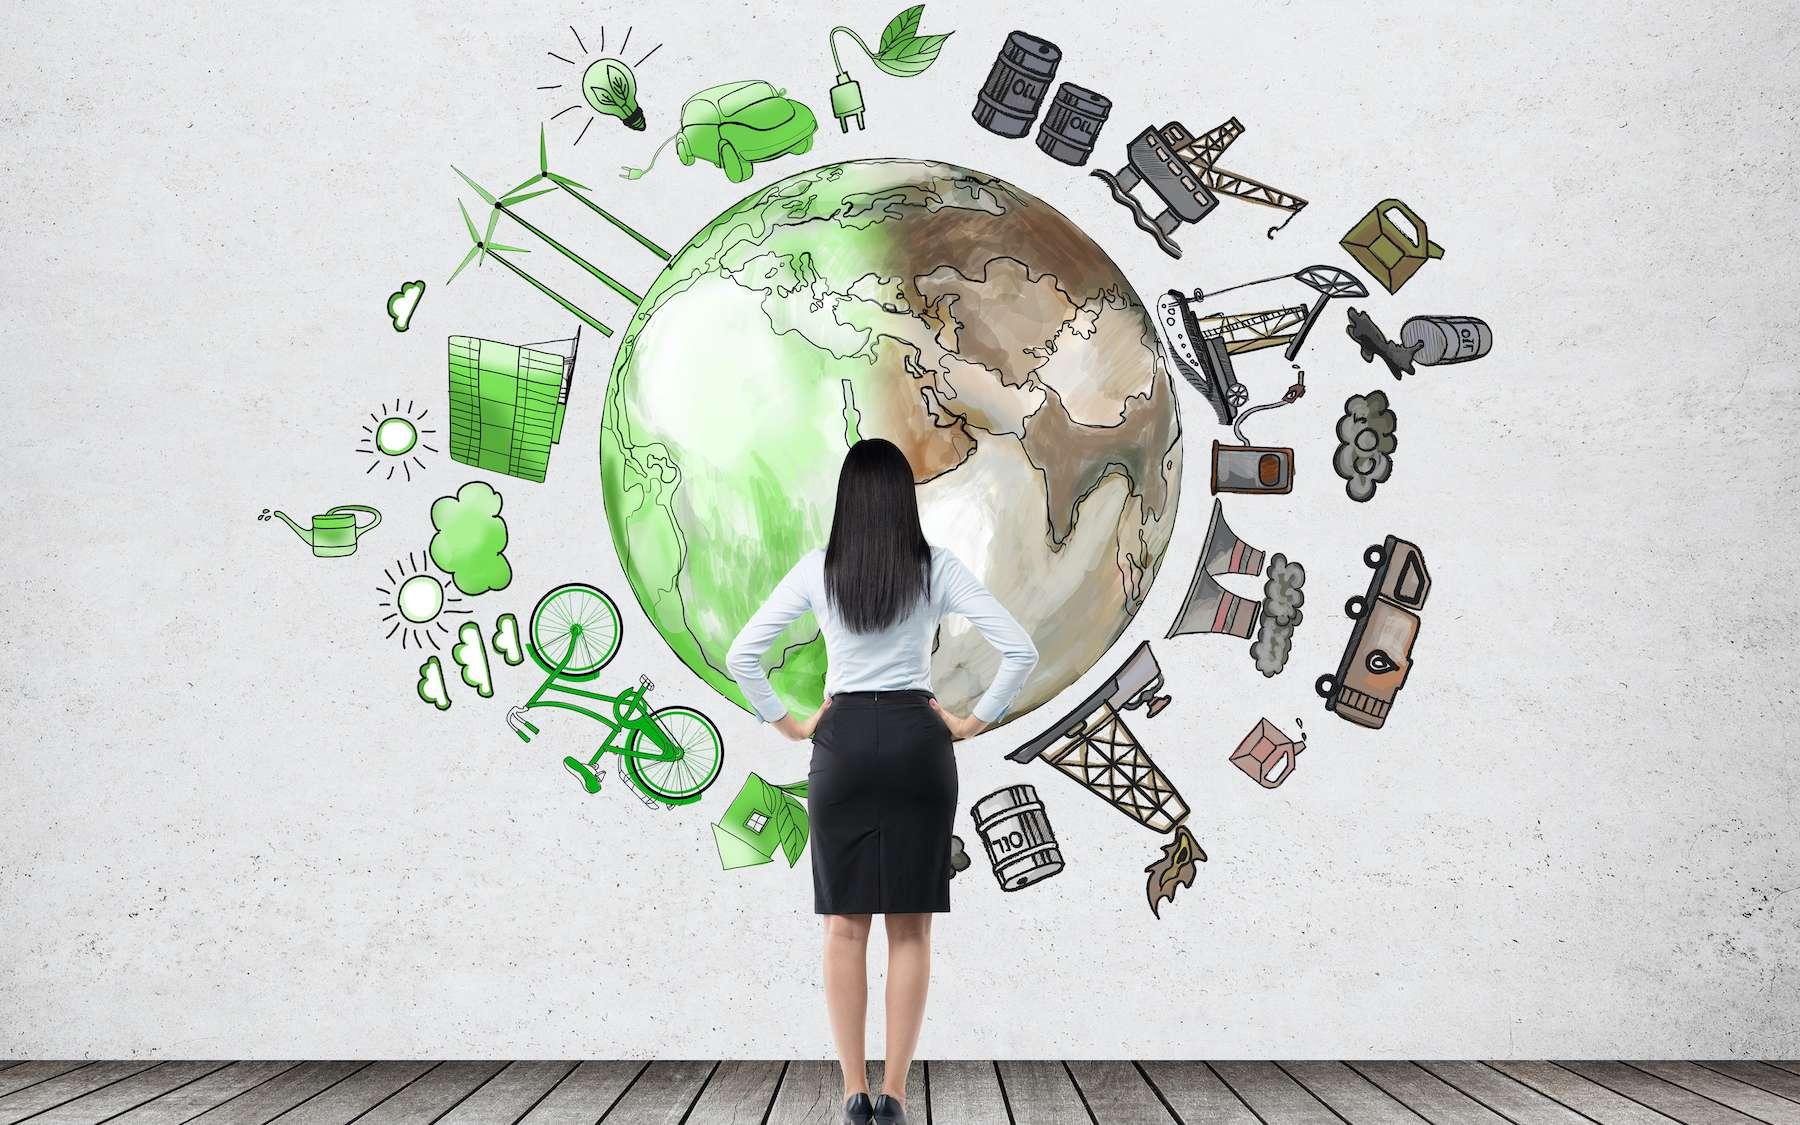 Charbon, énergies renouvelables, accès à l'électricité… Vers un monde plus vert ? © denisismagilov, Adobe Stock